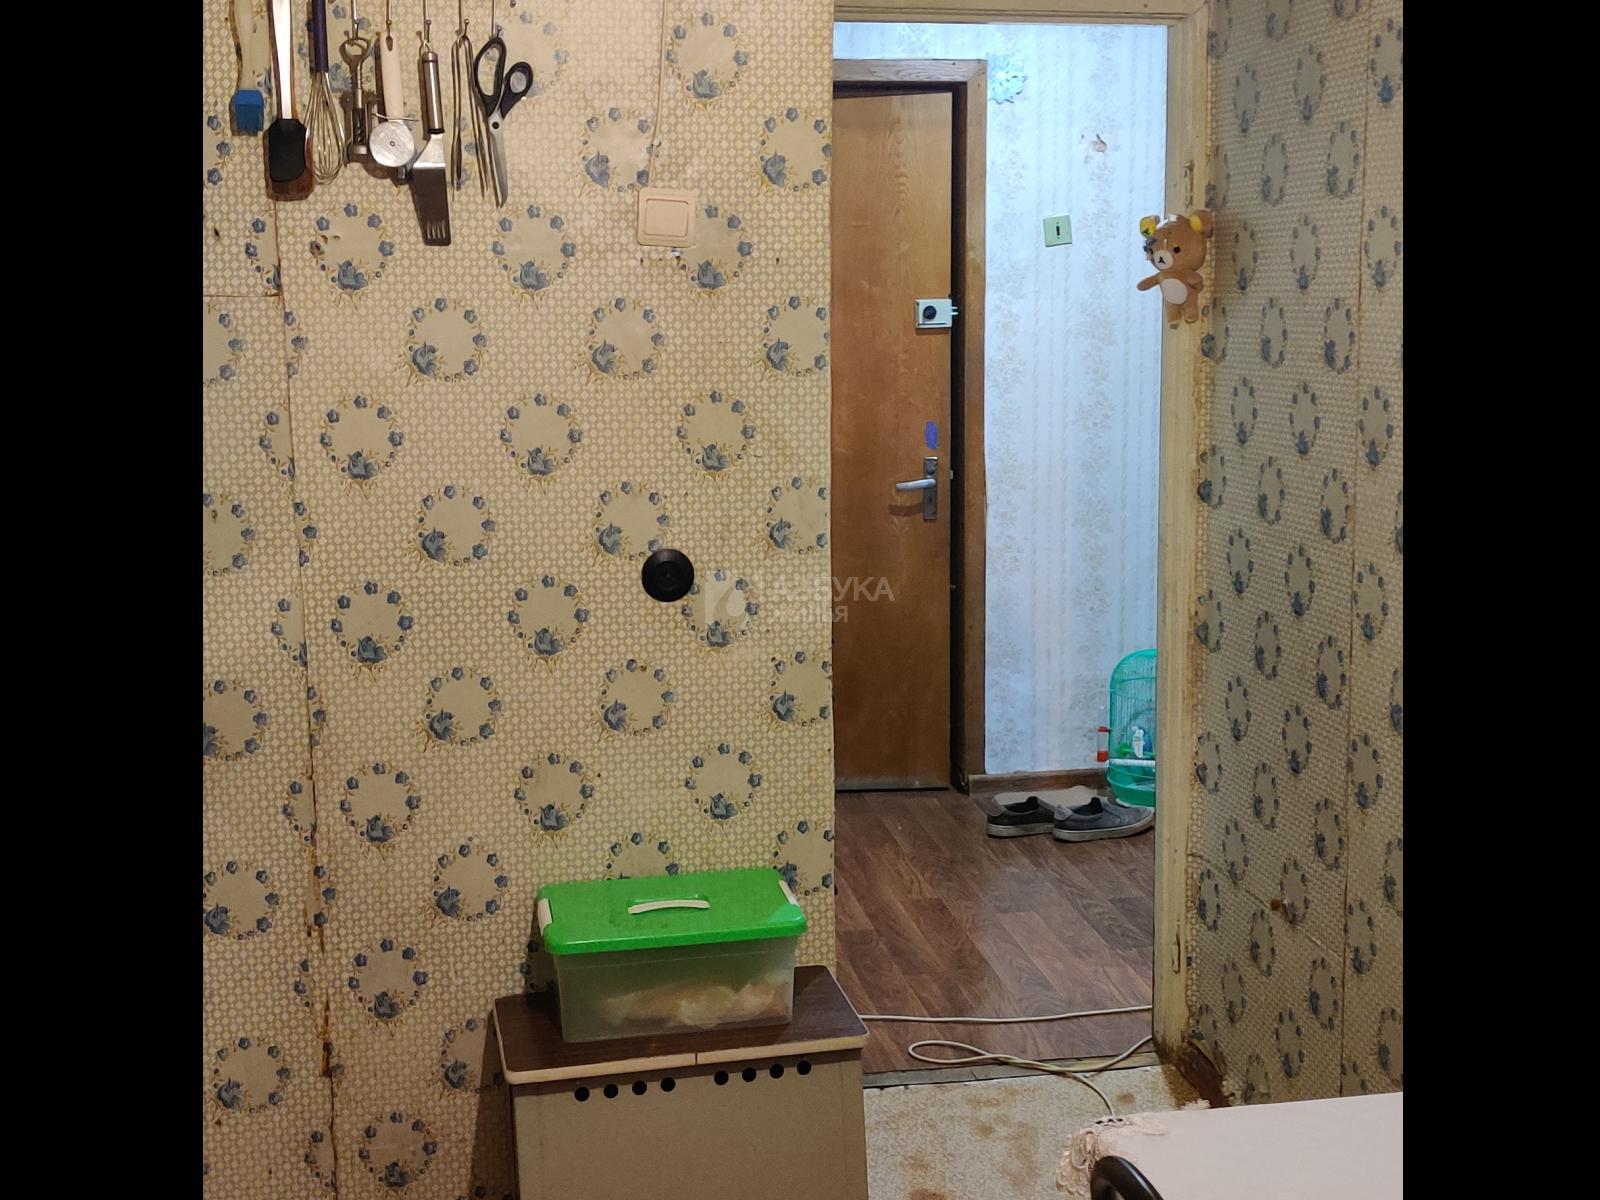 Фото №1 - 1-комнатная квартира, Химки, Кирова улица 9, метро Речной вокзал